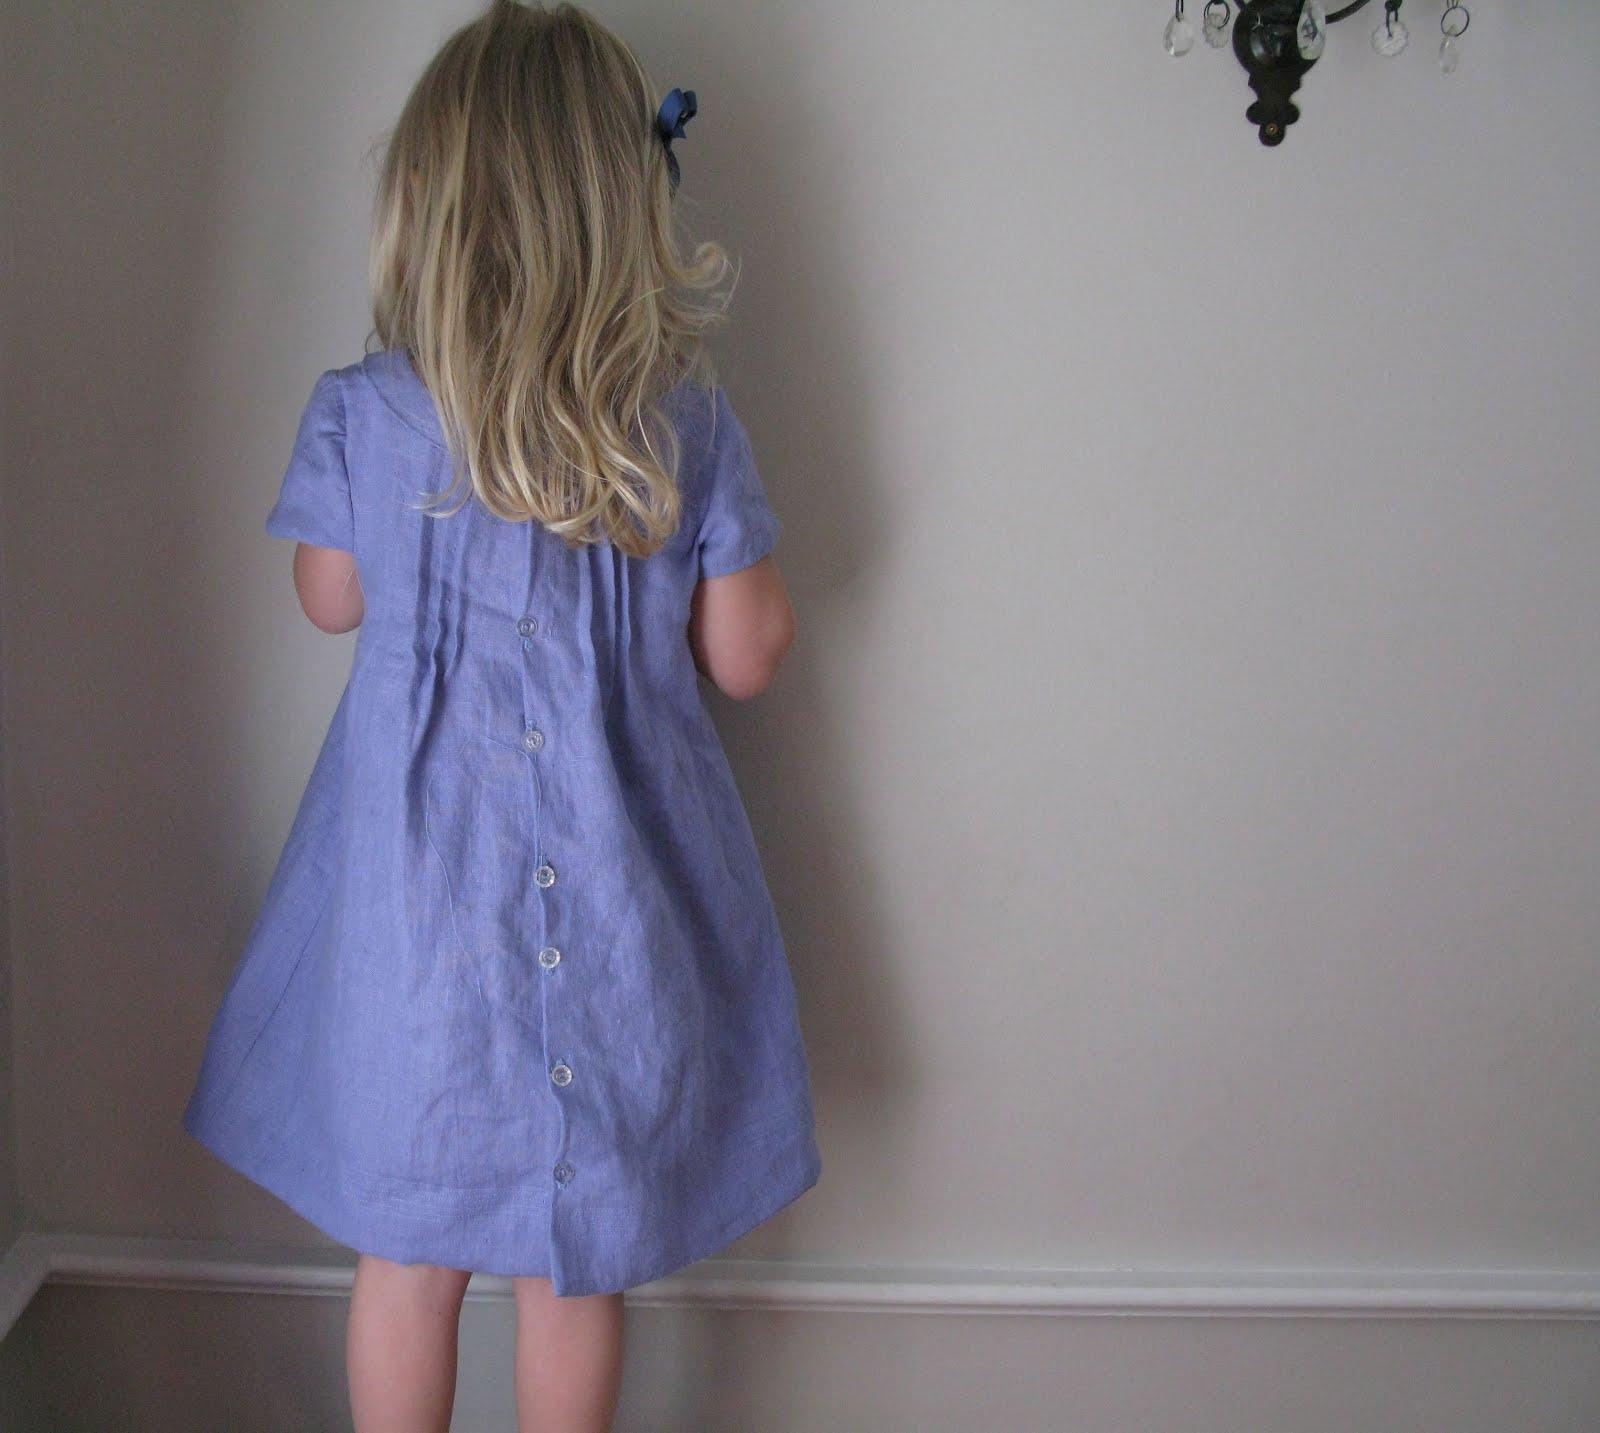 Dresses for a Family Reunion